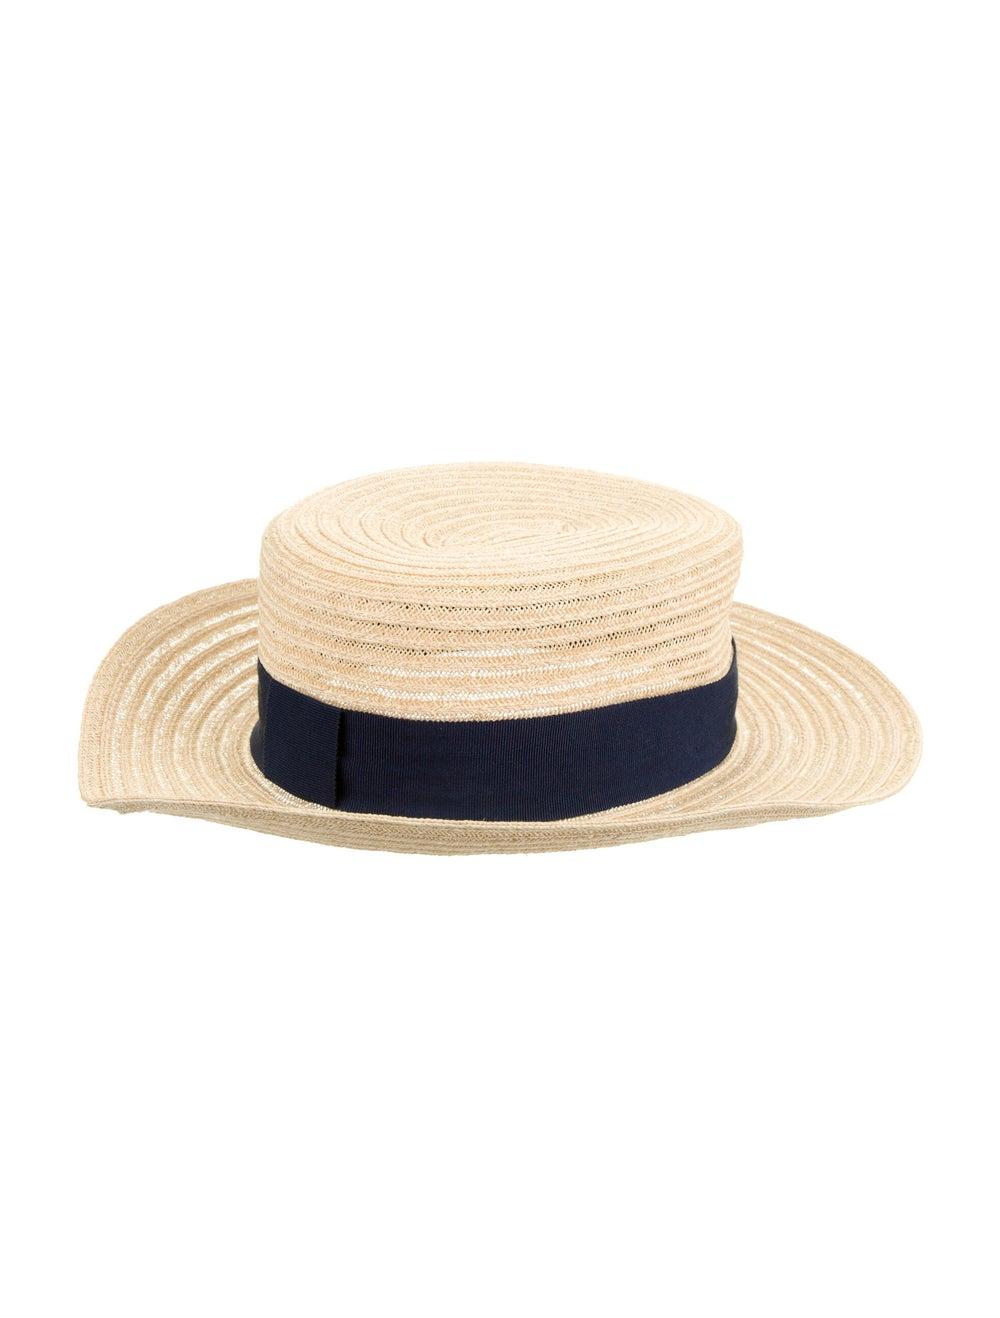 Maison Michel Wide Brim Straw Hat blue - image 2